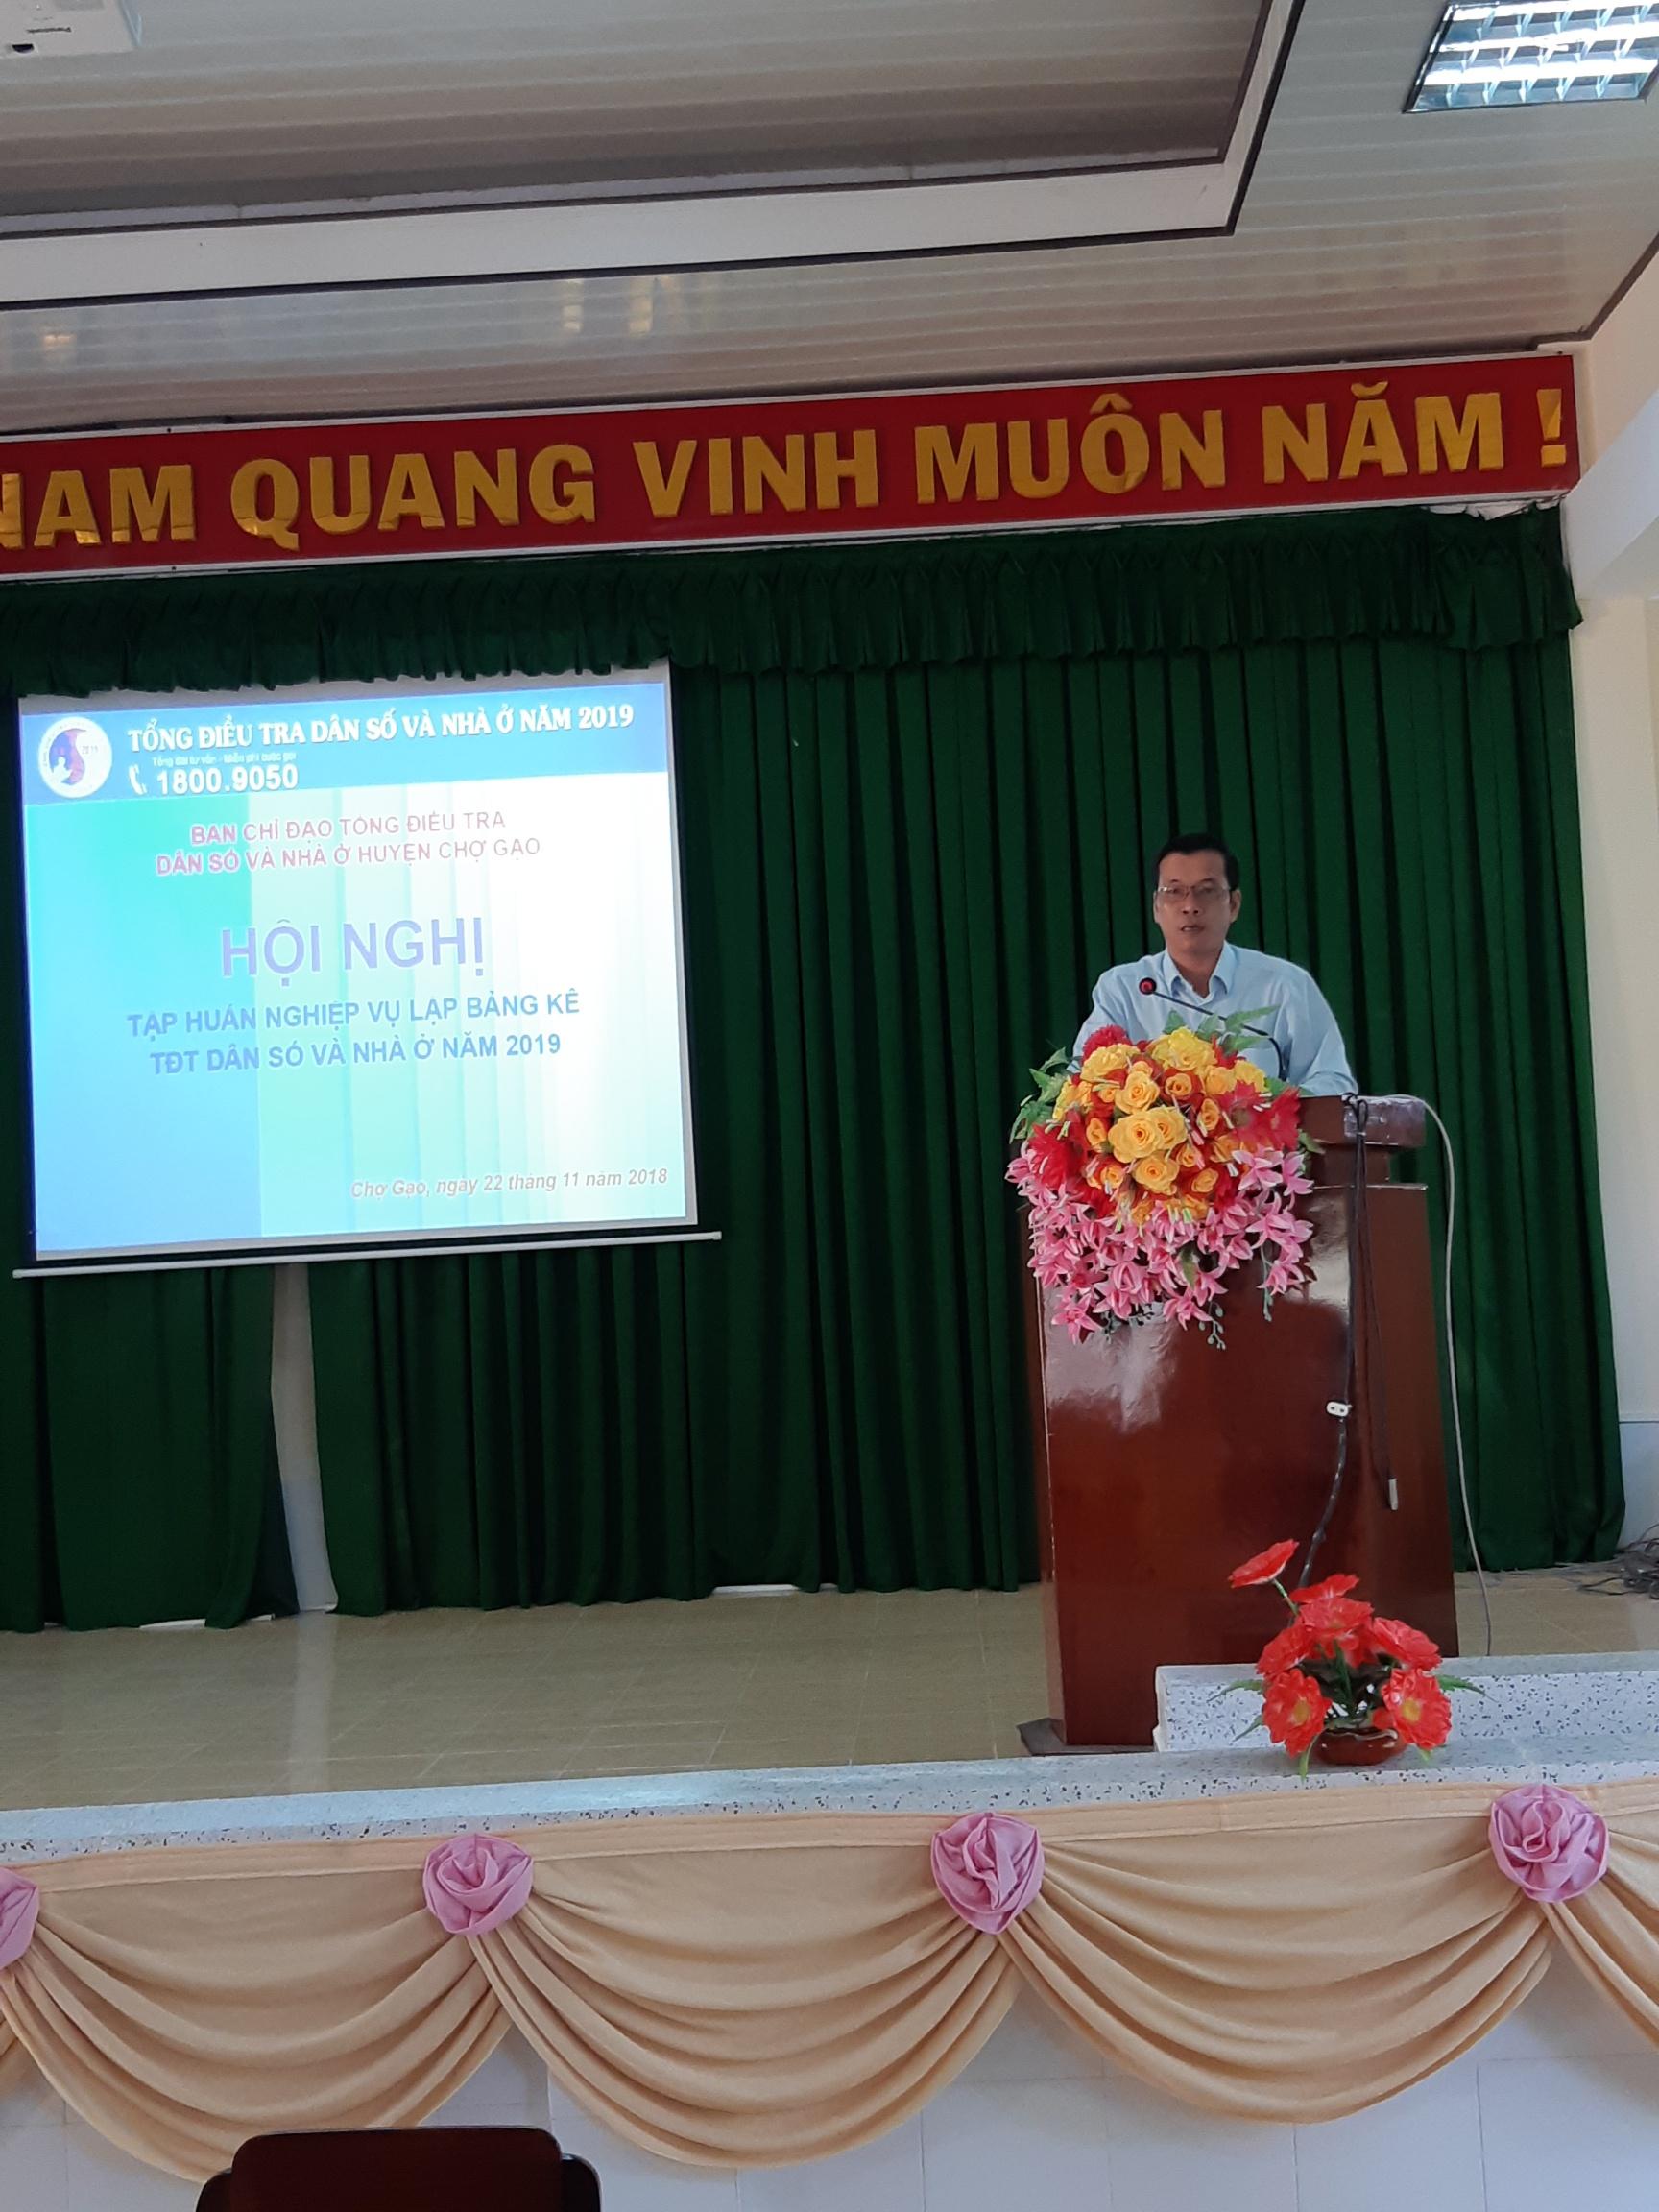 Huyện Chợ Gạo tập huấn công tác lập Bảng kê Tổng điều tra Dân số và nhà ở  năm 2019